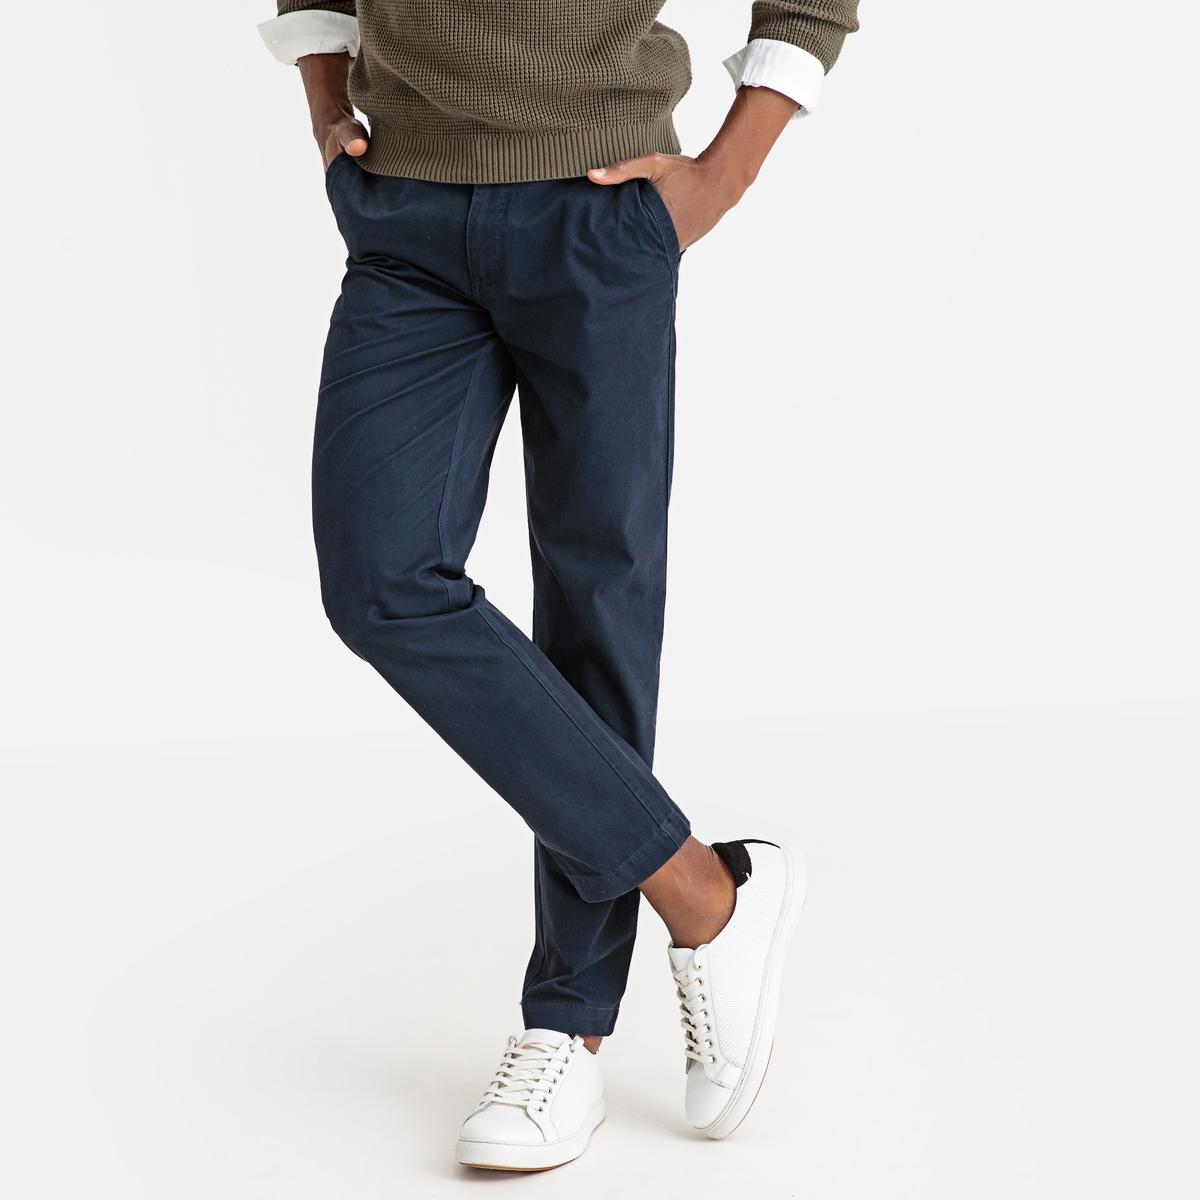 Брюки-чино La Redoute Узкие 50 (FR) - 56 (RUS) синий брюки la redoute узкие дудочки с жаккардовым рисунком 50 fr 56 rus черный